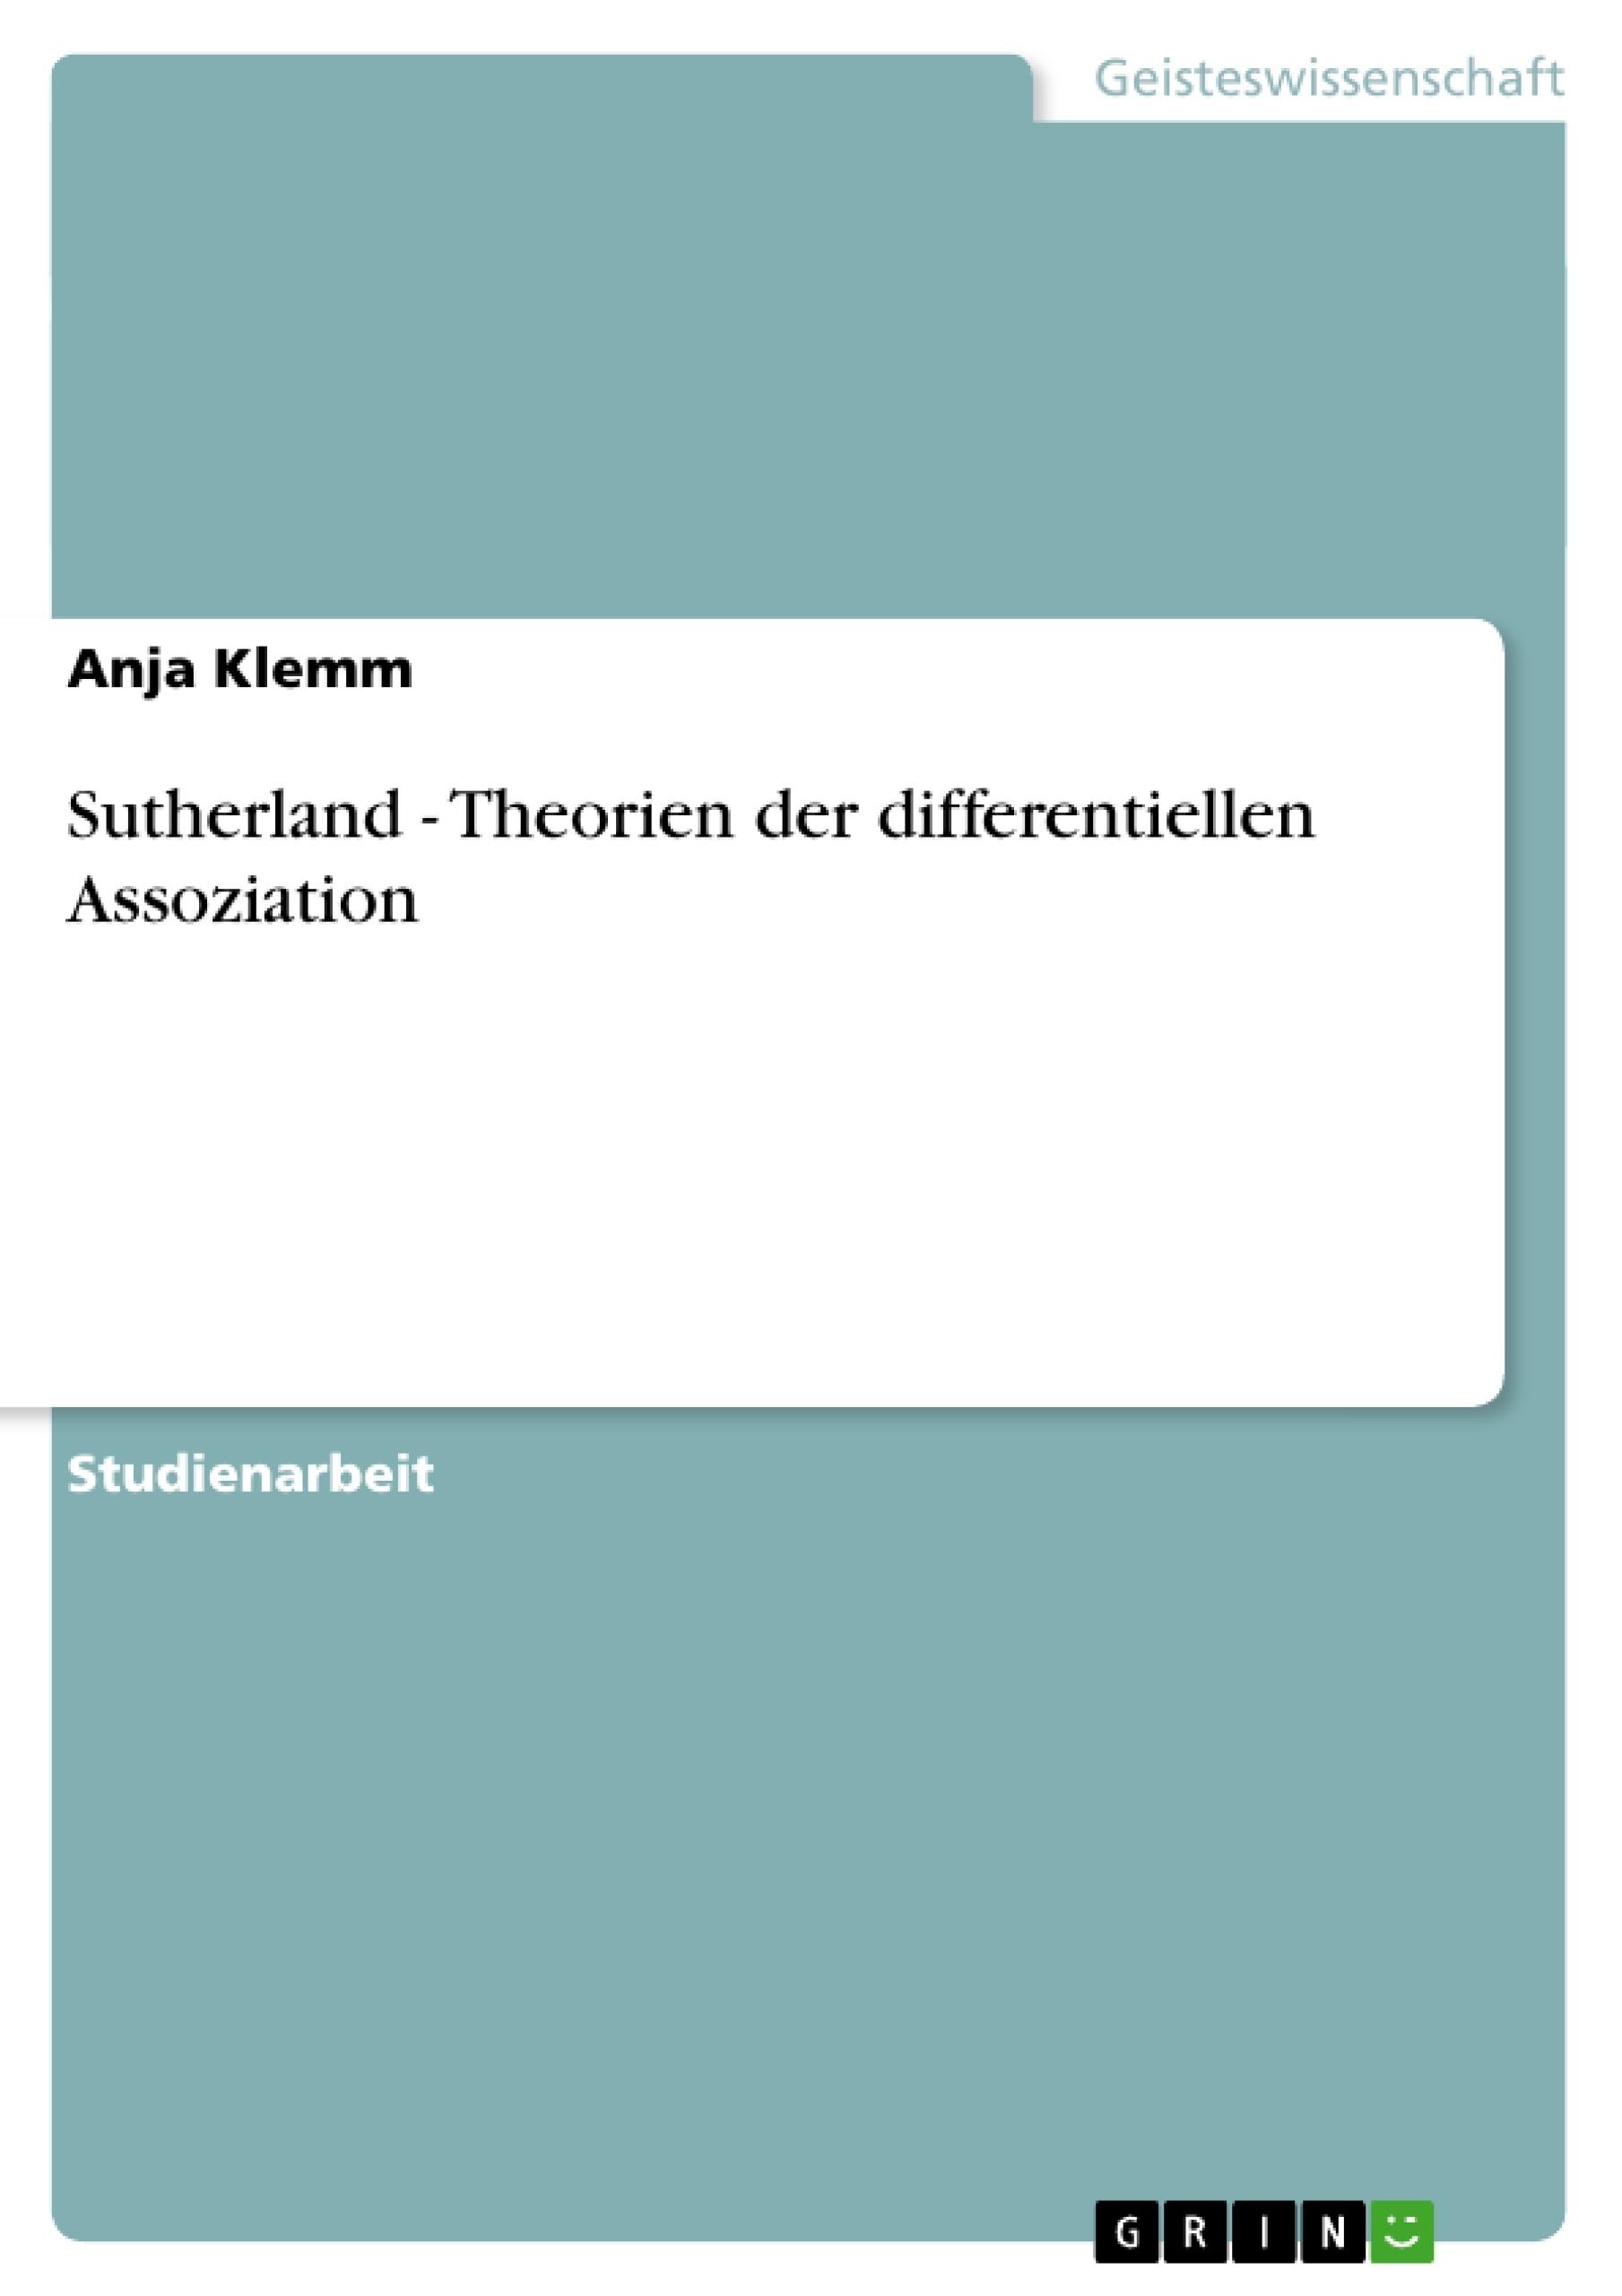 Titel: Sutherland - Theorien der differentiellen Assoziation